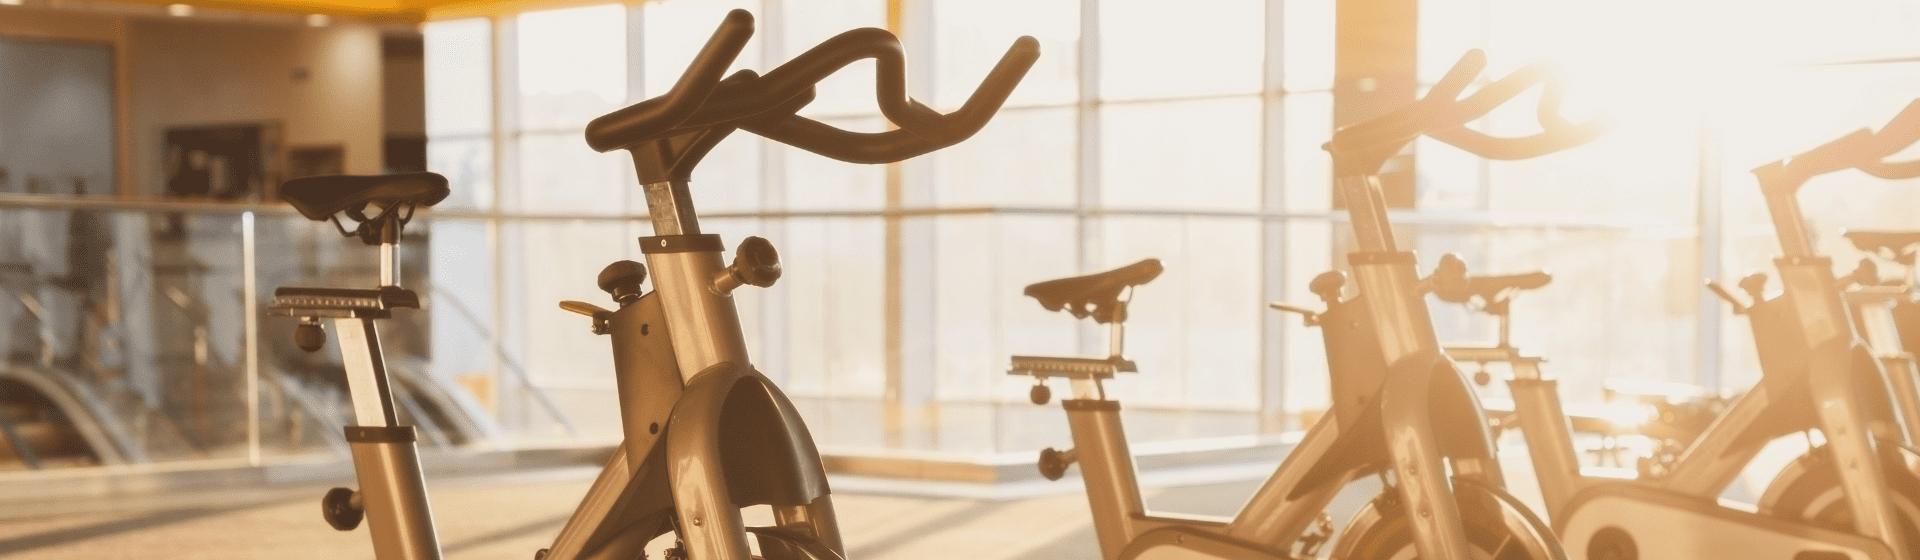 Bicicleta ergométrica na Black Friday 2020: 6 opções que podem ter desconto